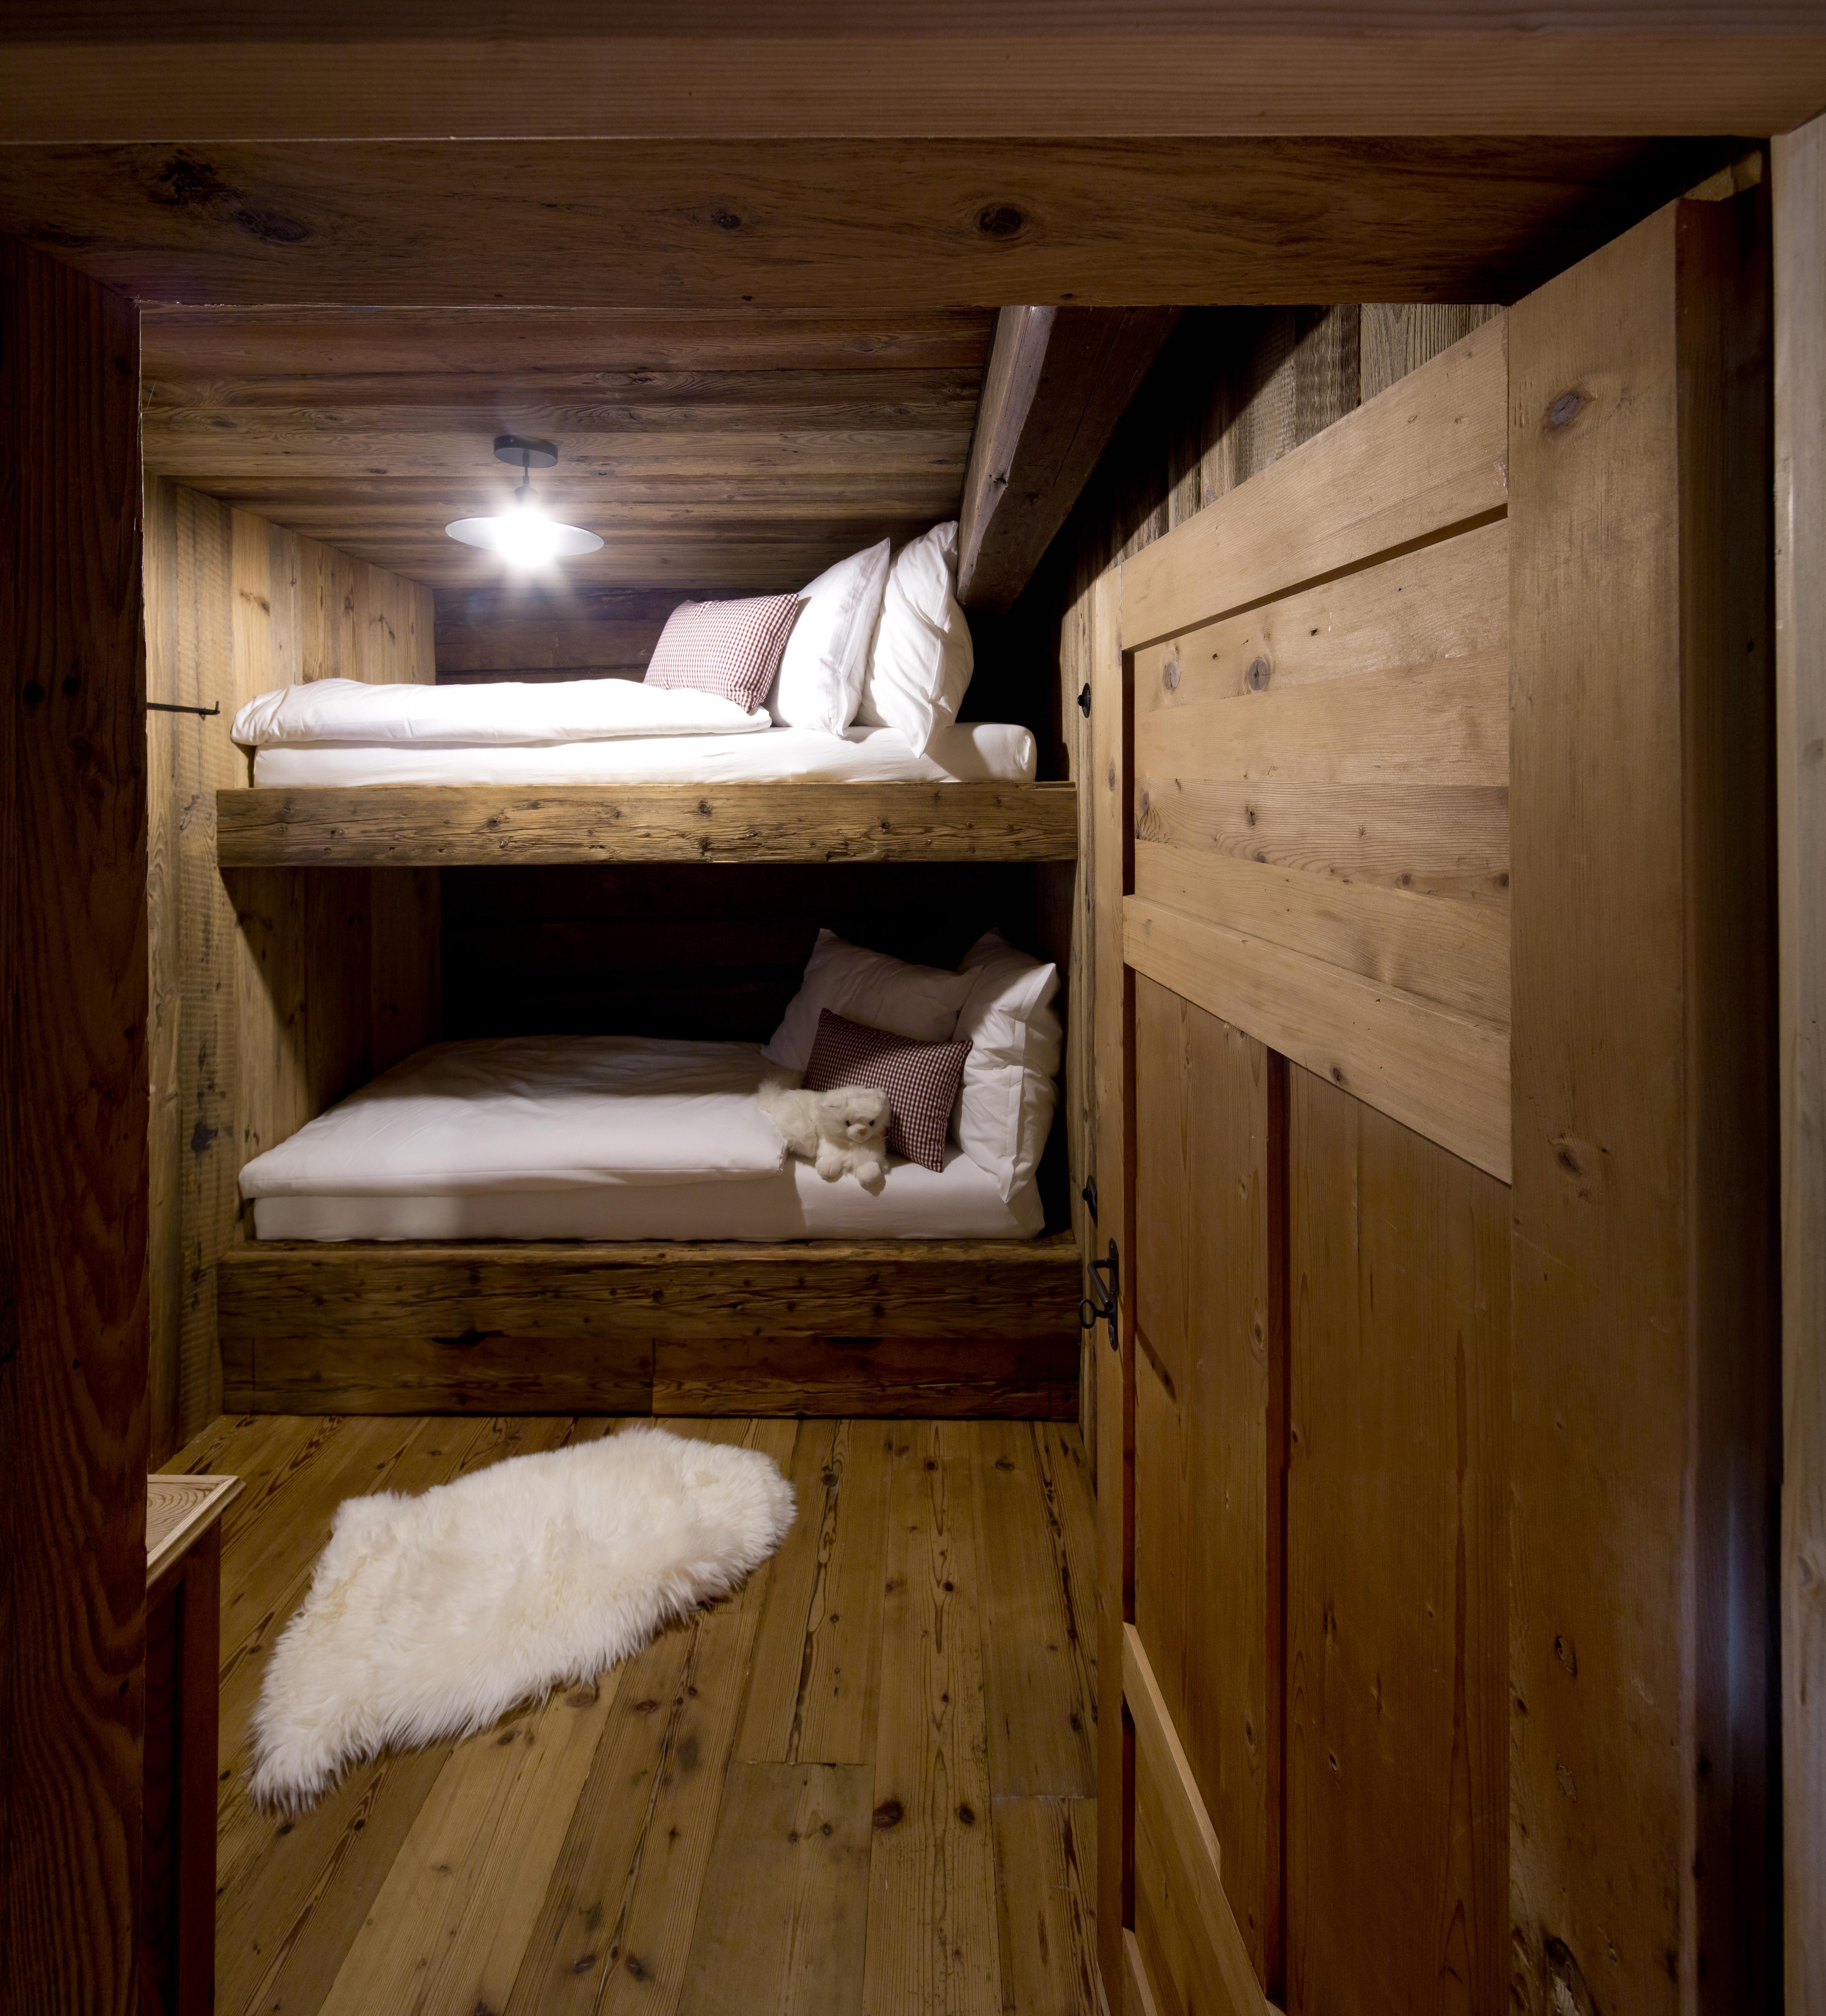 Bulk-bed room (picture by BDA - Bettina Neubauer-Pregl)